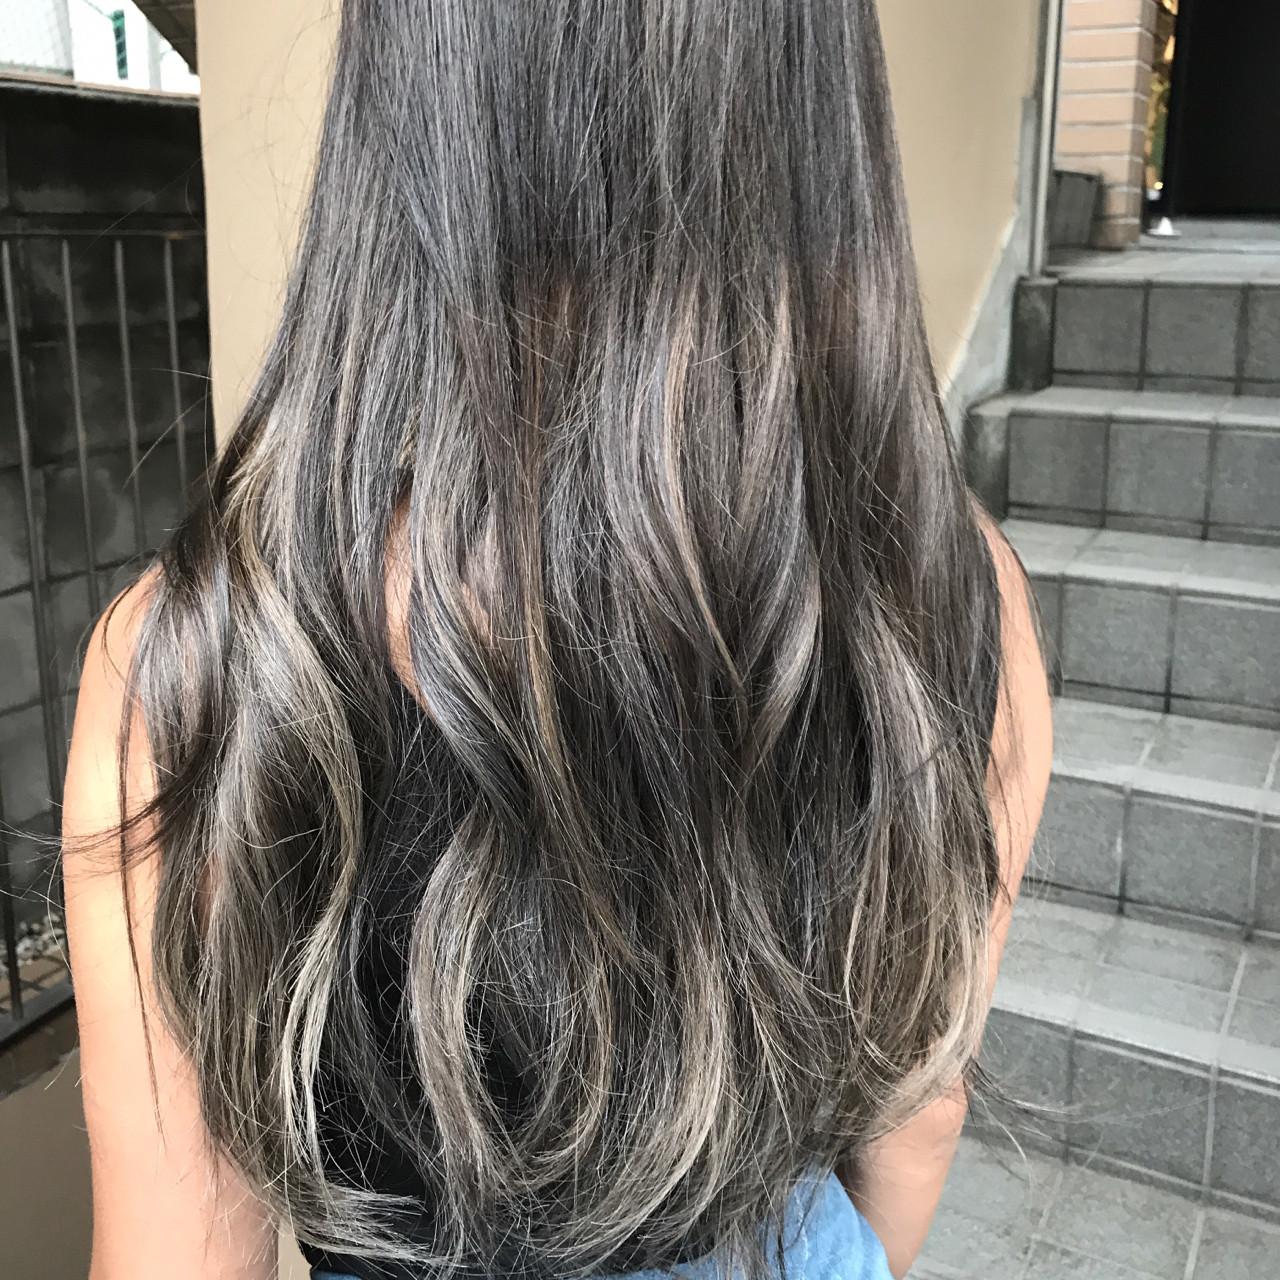 波ウェーブ 外国人風 グラデーションカラー ハイライト ヘアスタイルや髪型の写真・画像